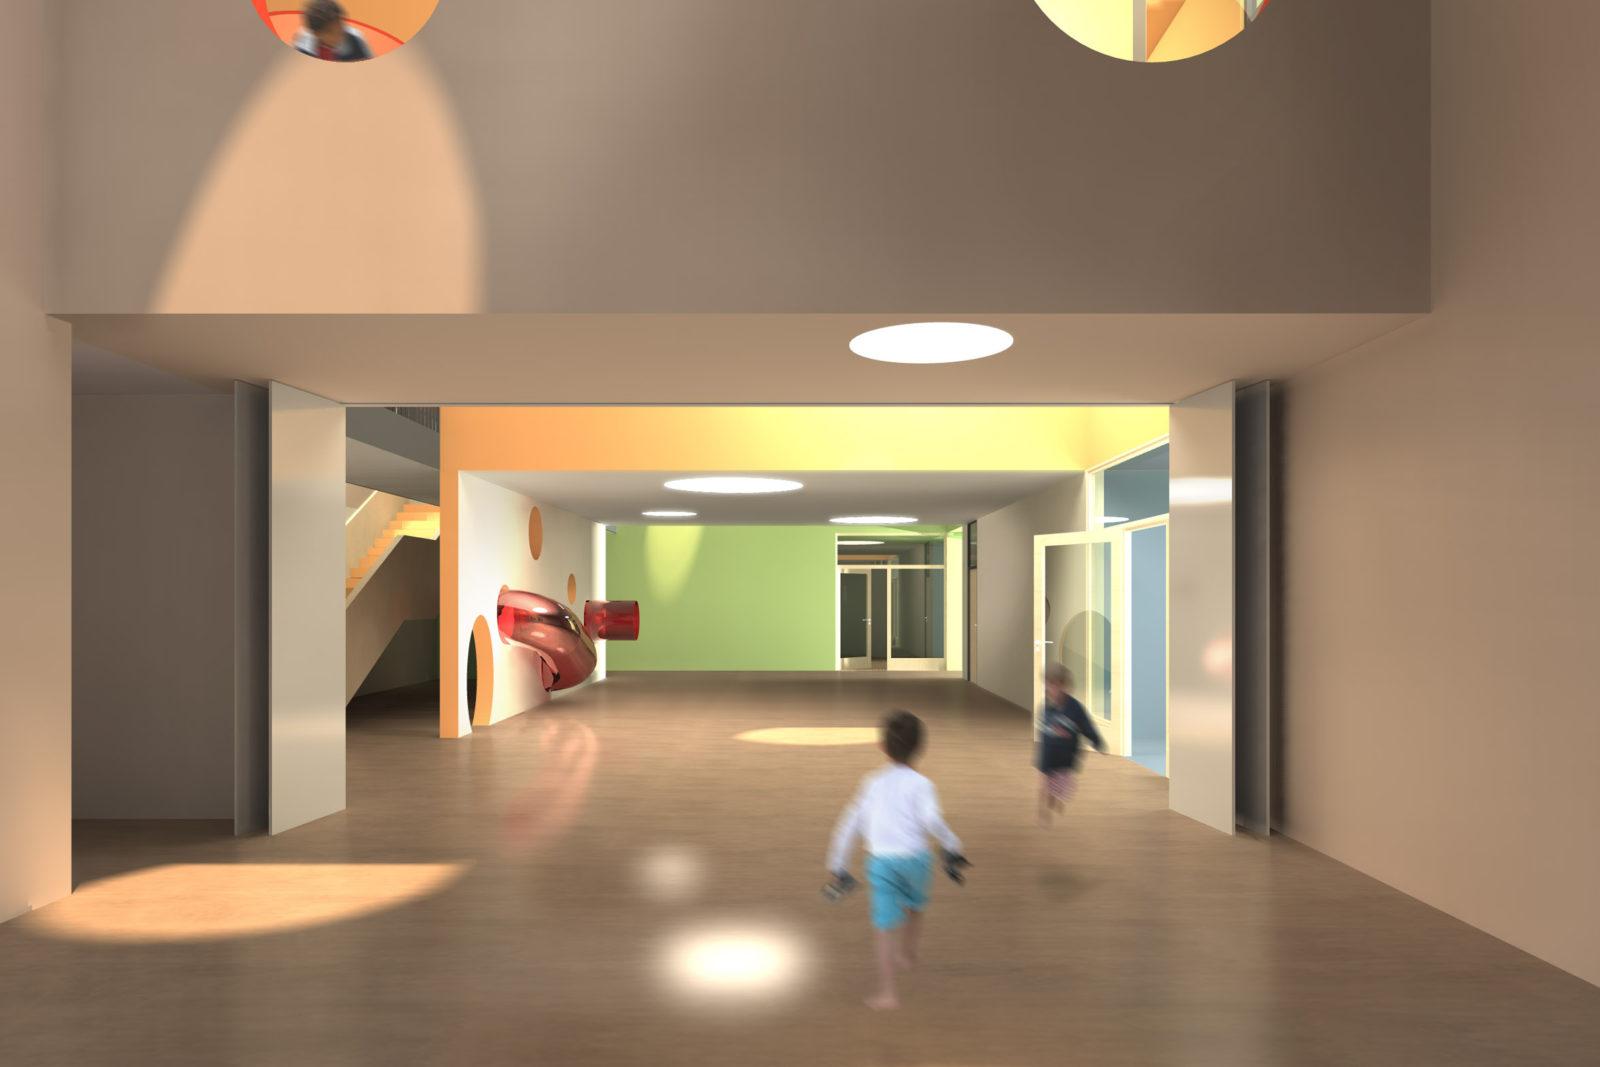 Wettbewerb Kinderhaus Struppen - Blick aus dem Mehrzweckraum in das Foyer